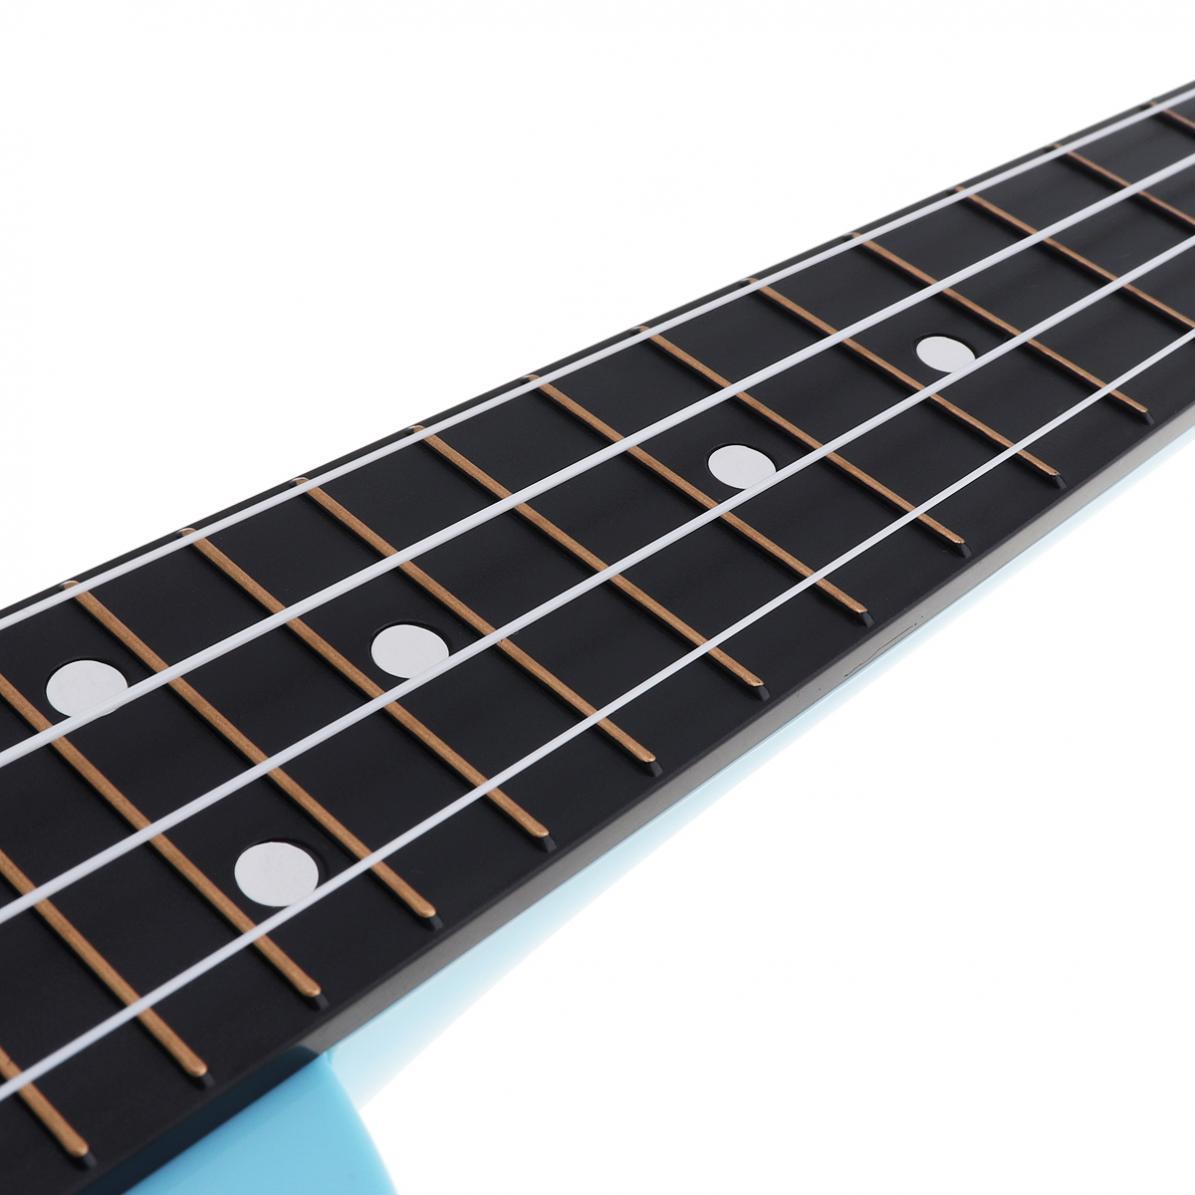 hawaii aocustic ukulele- guitarmetrics